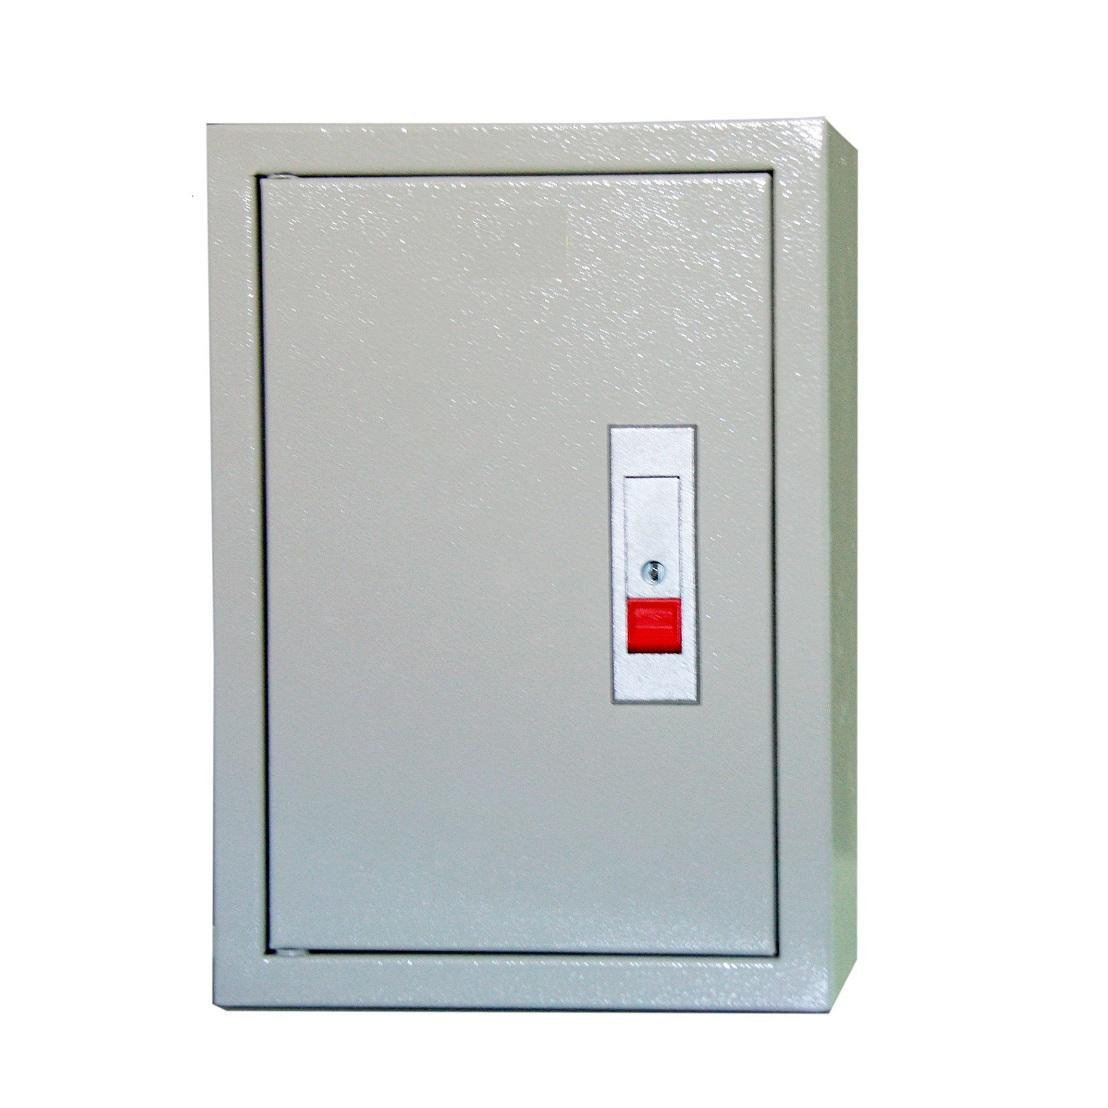 Vỏ tủ điện công nghiệp 400x600x250mm, dày 1mm - CƠ ĐIỆN HẢI ÂU